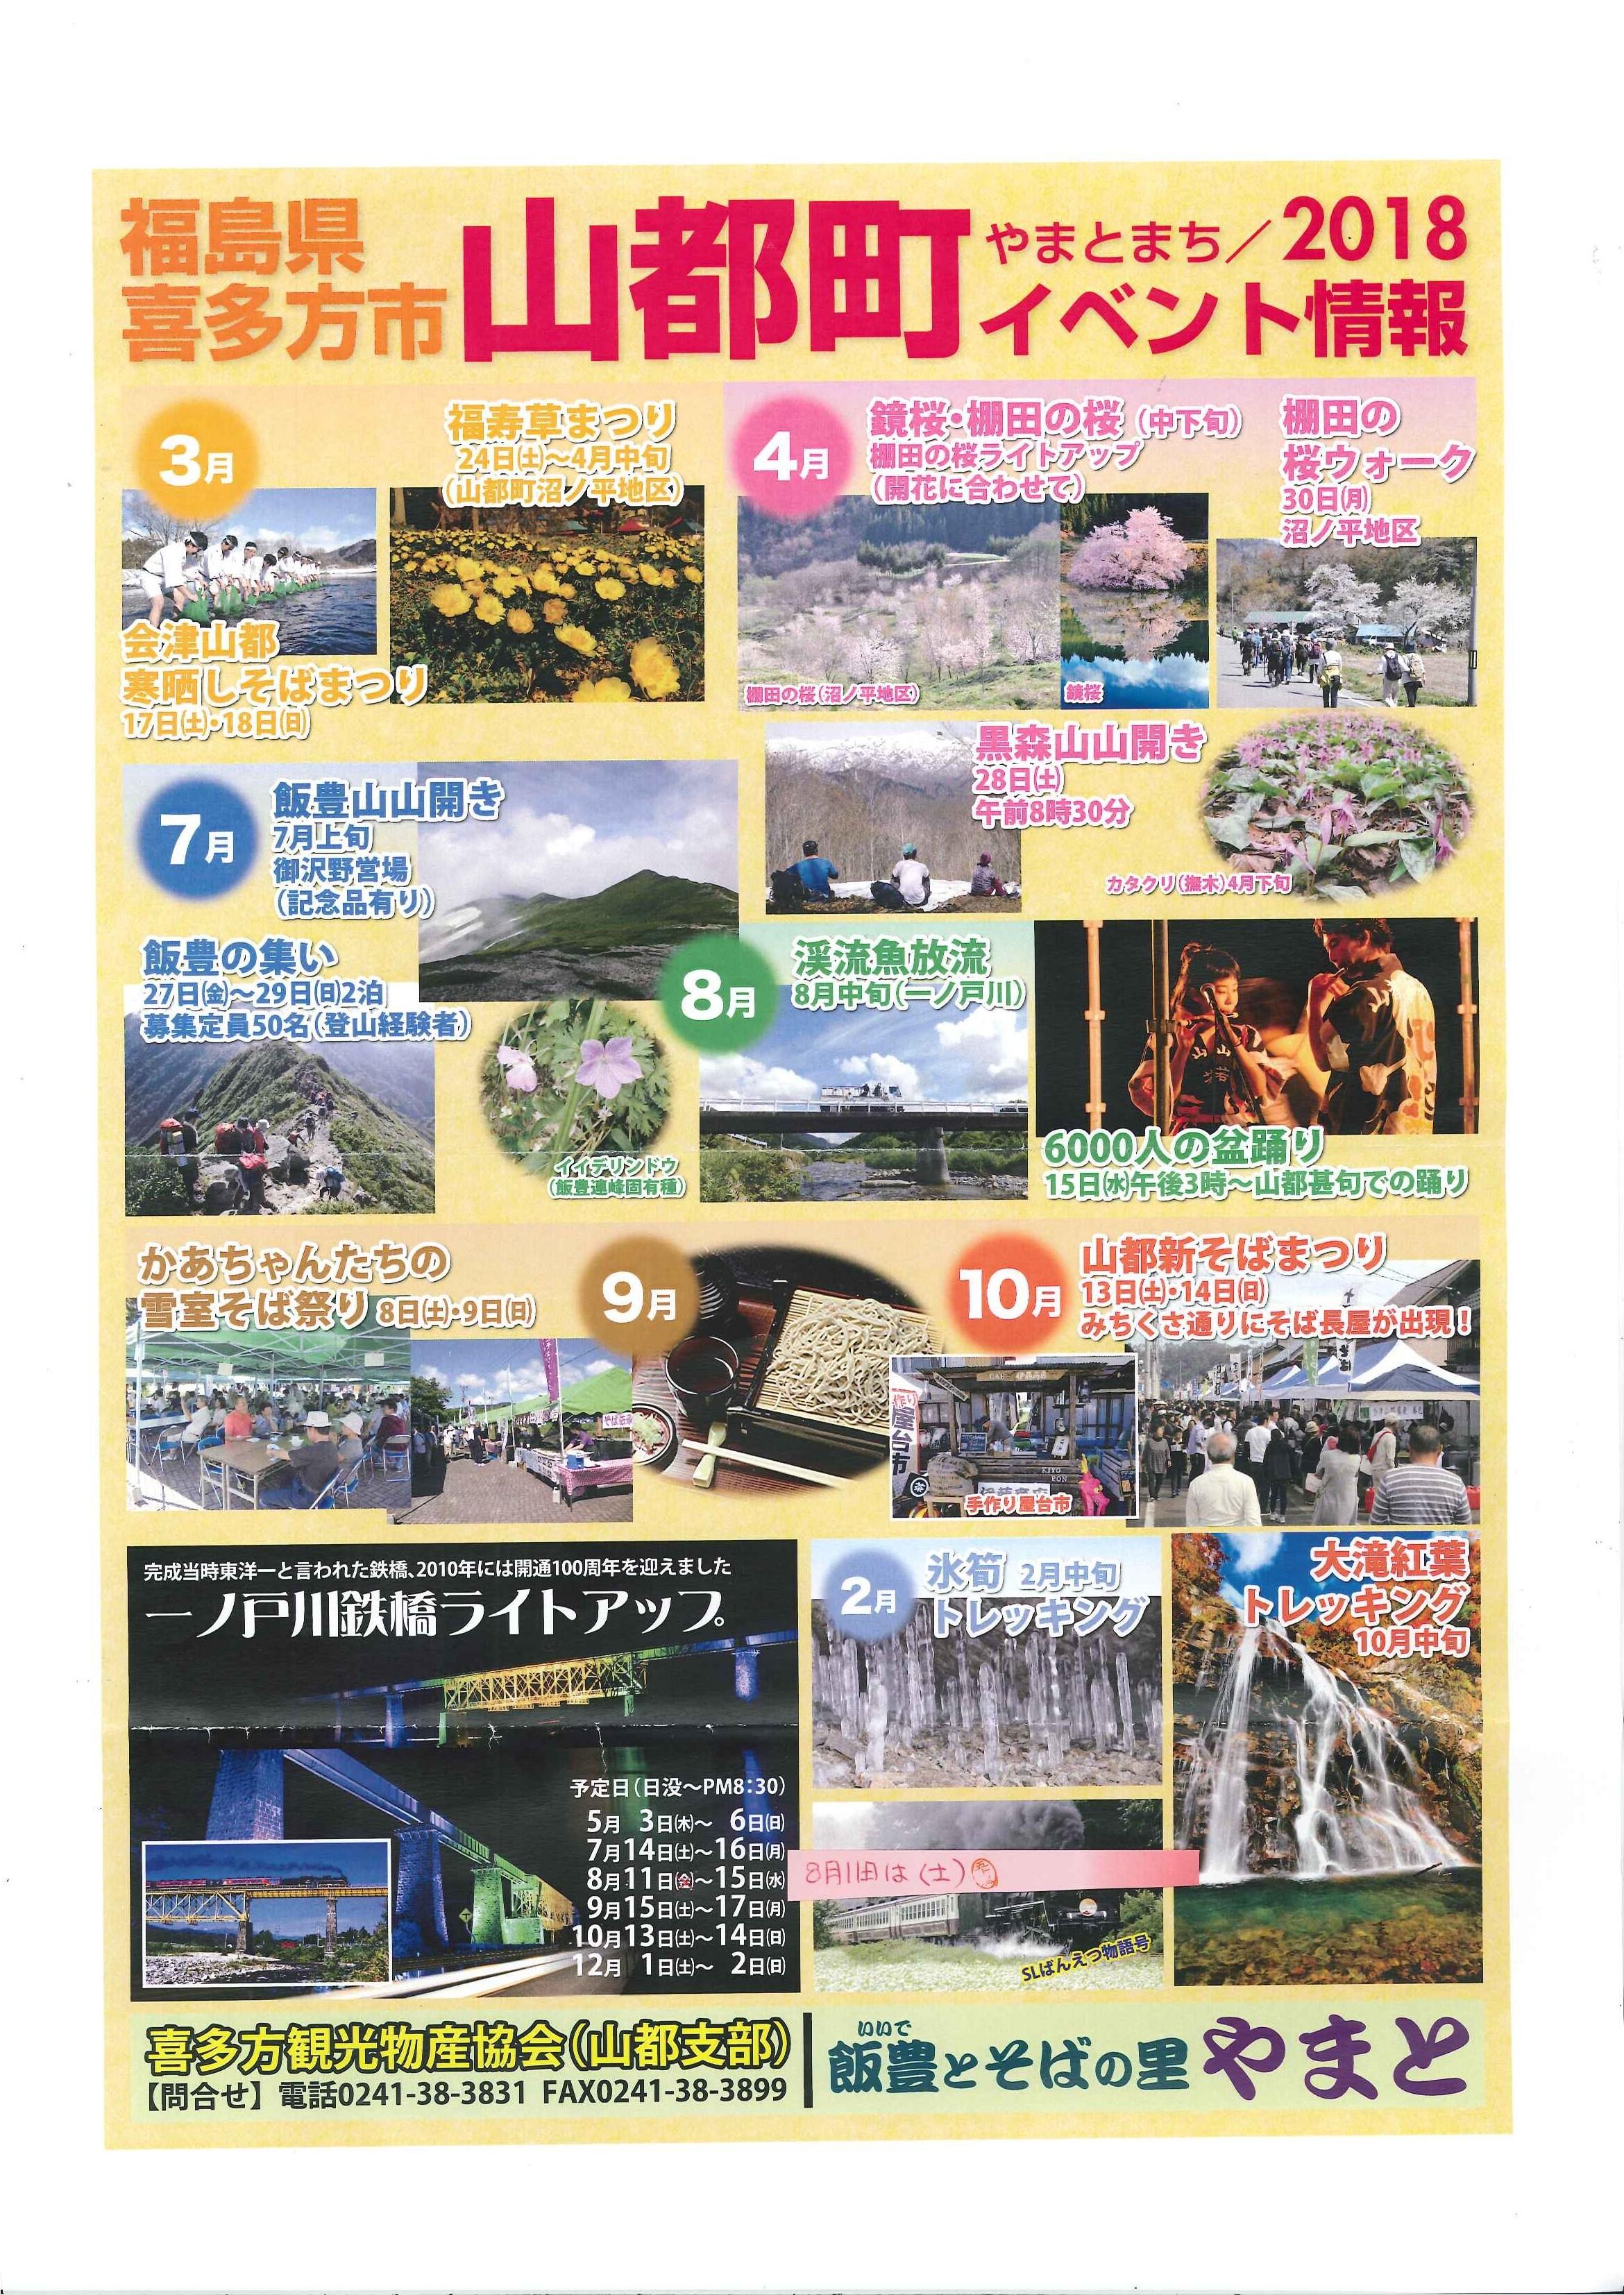 山都町30年度 イベント情報